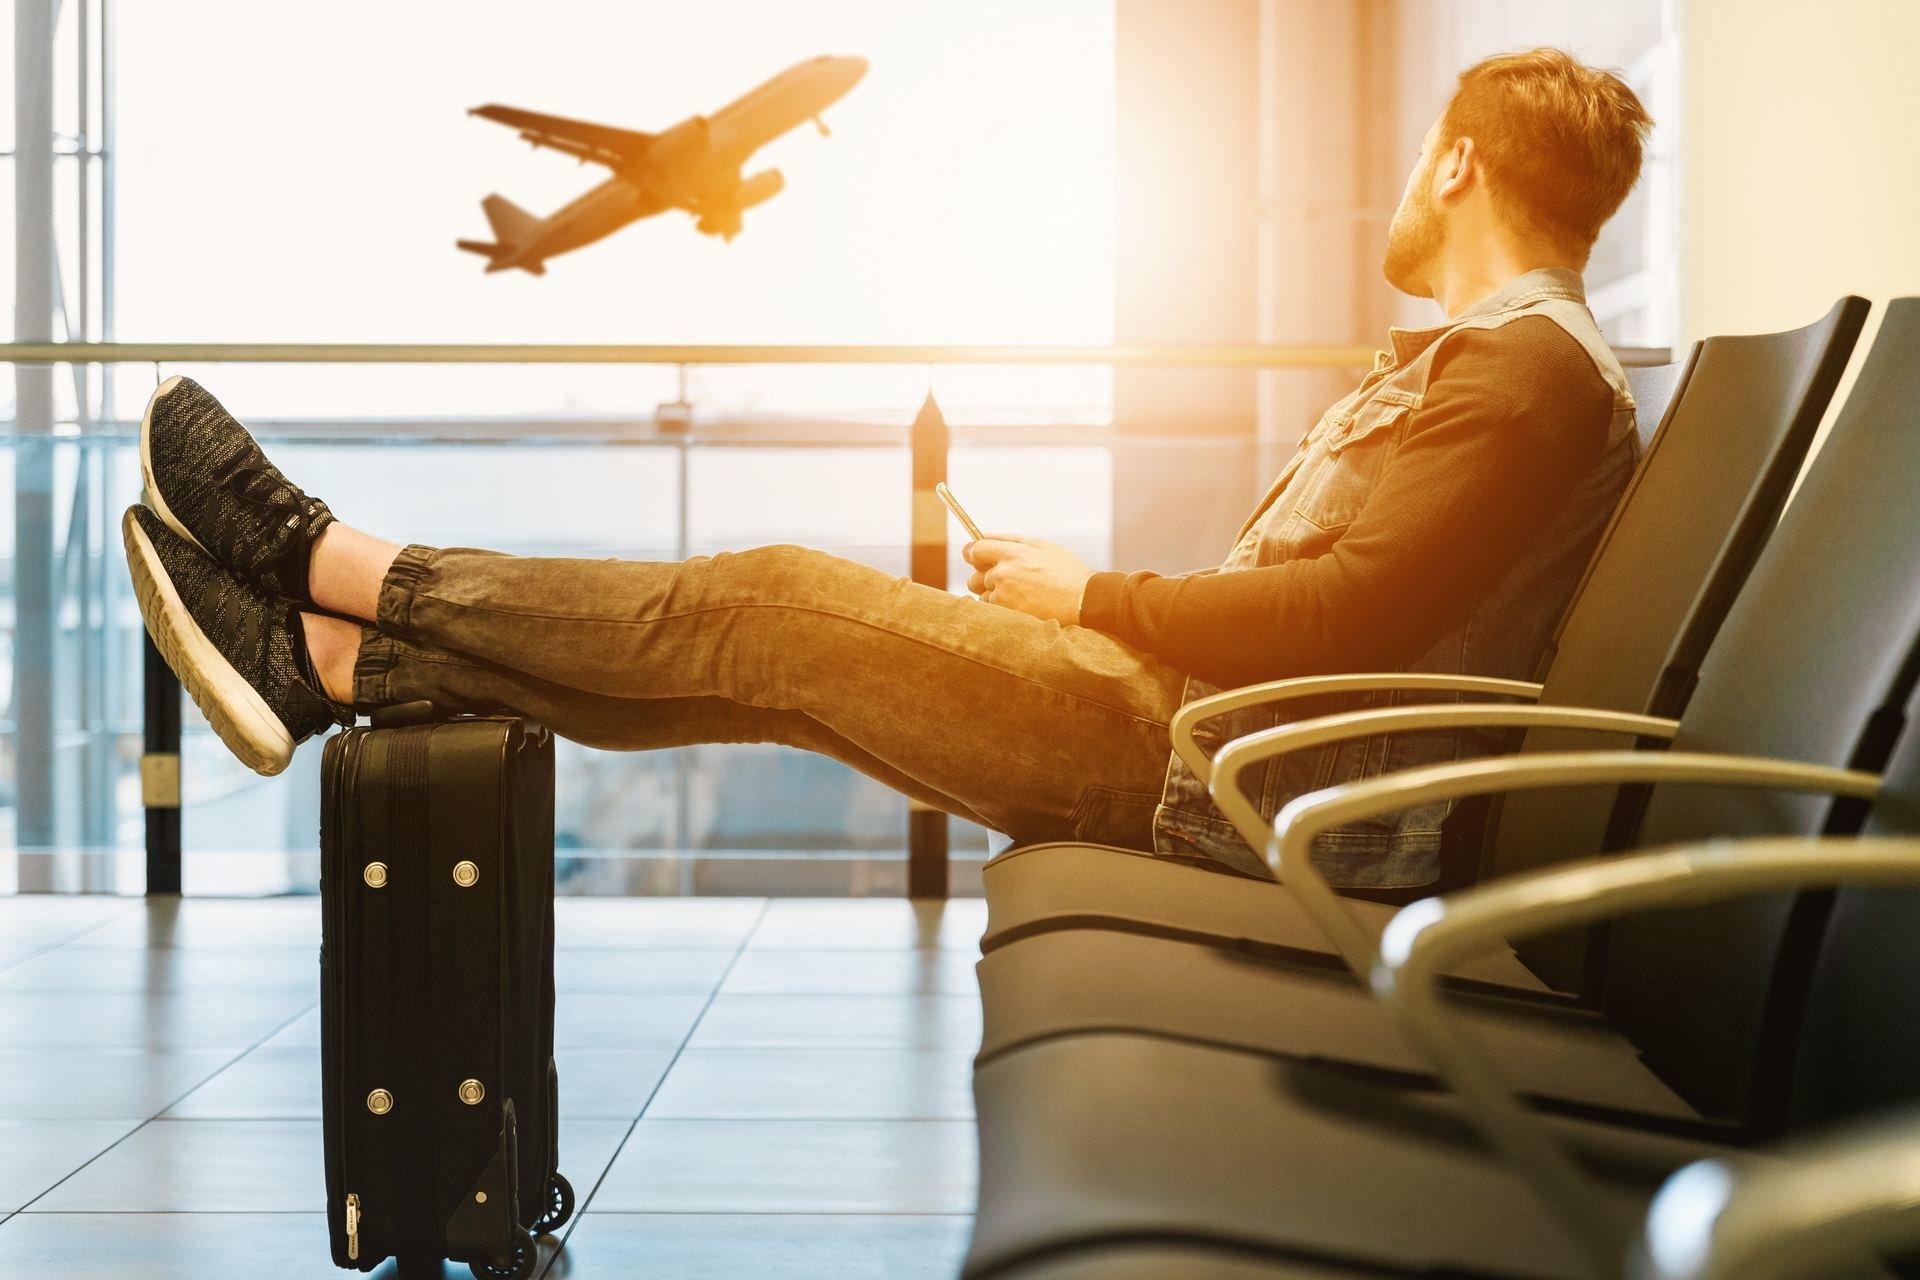 Vacanze alle porte: i rimedi naturali di MioDottore per partire in piena serenità